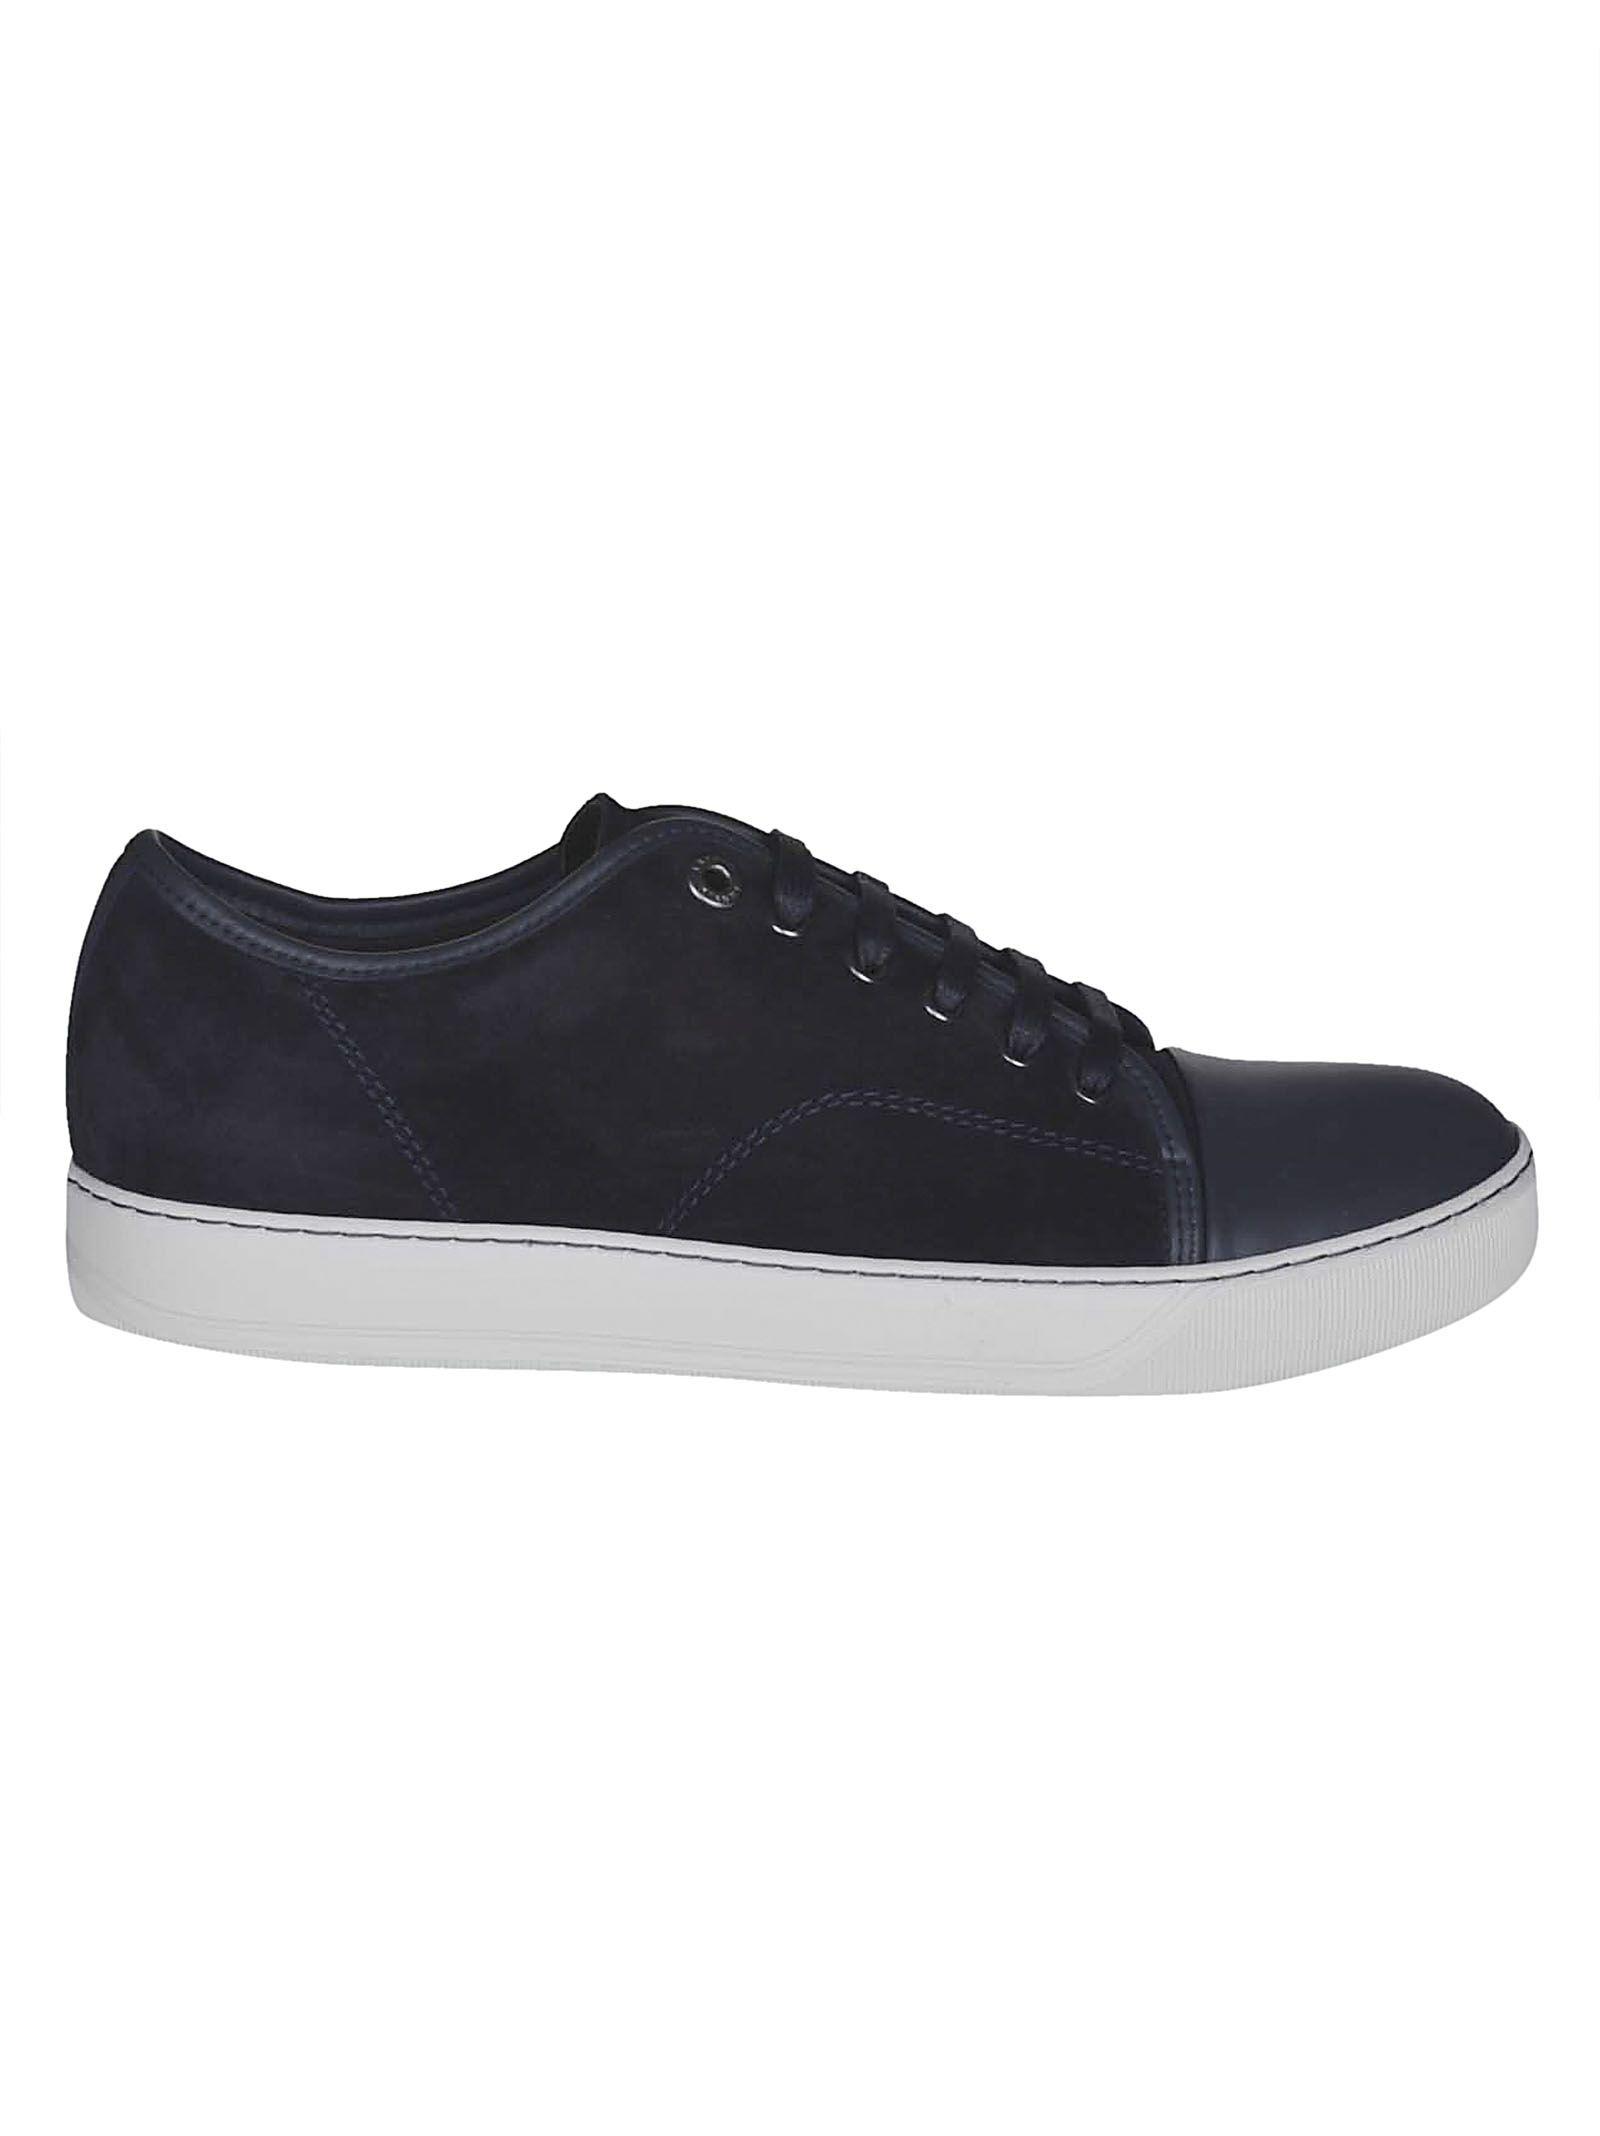 Lanvin Contrast Toe Sneakers